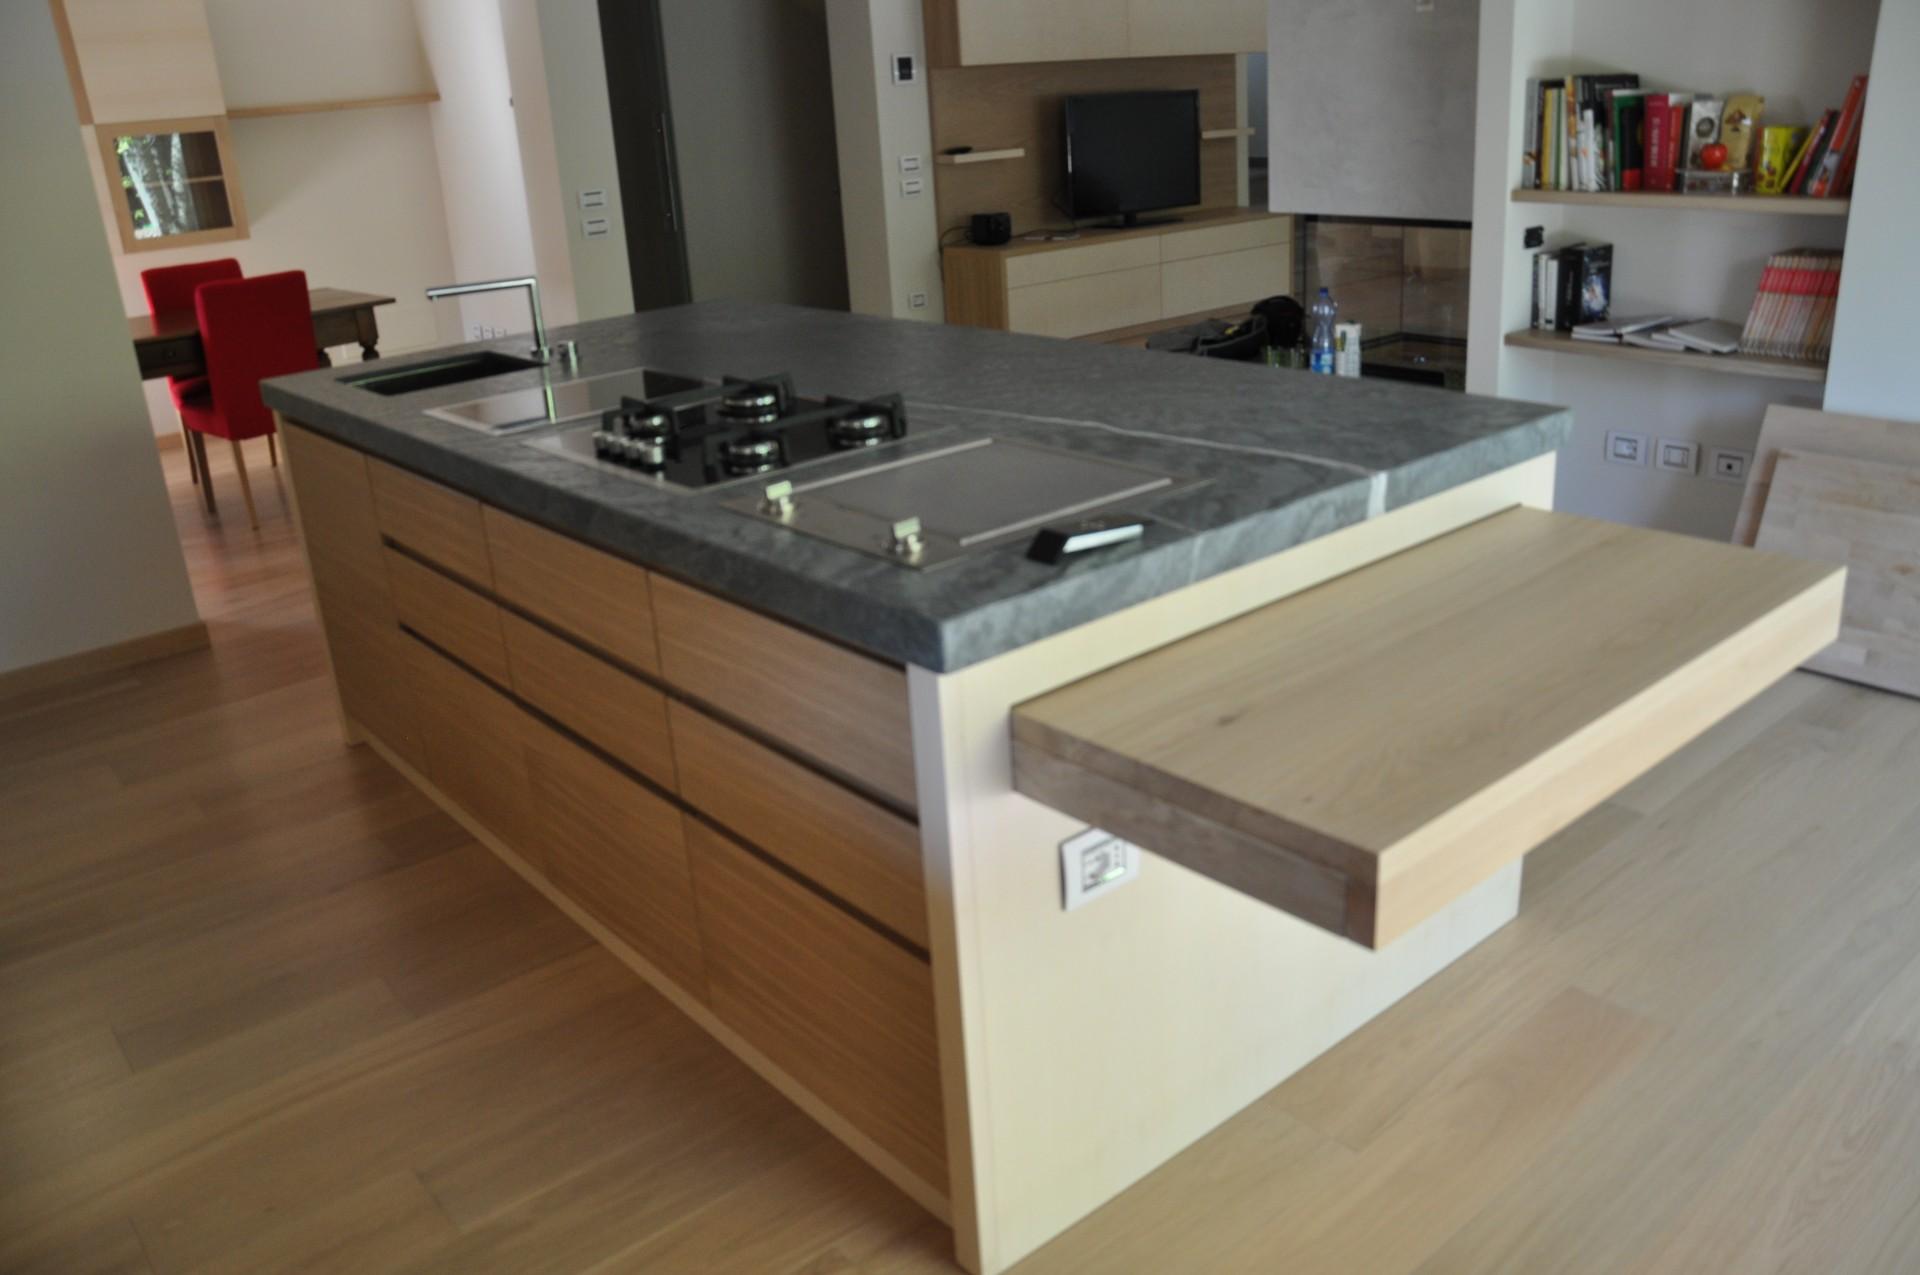 Banconi e isole per cucina fadini mobili cerea verona - Cucina con bancone ...